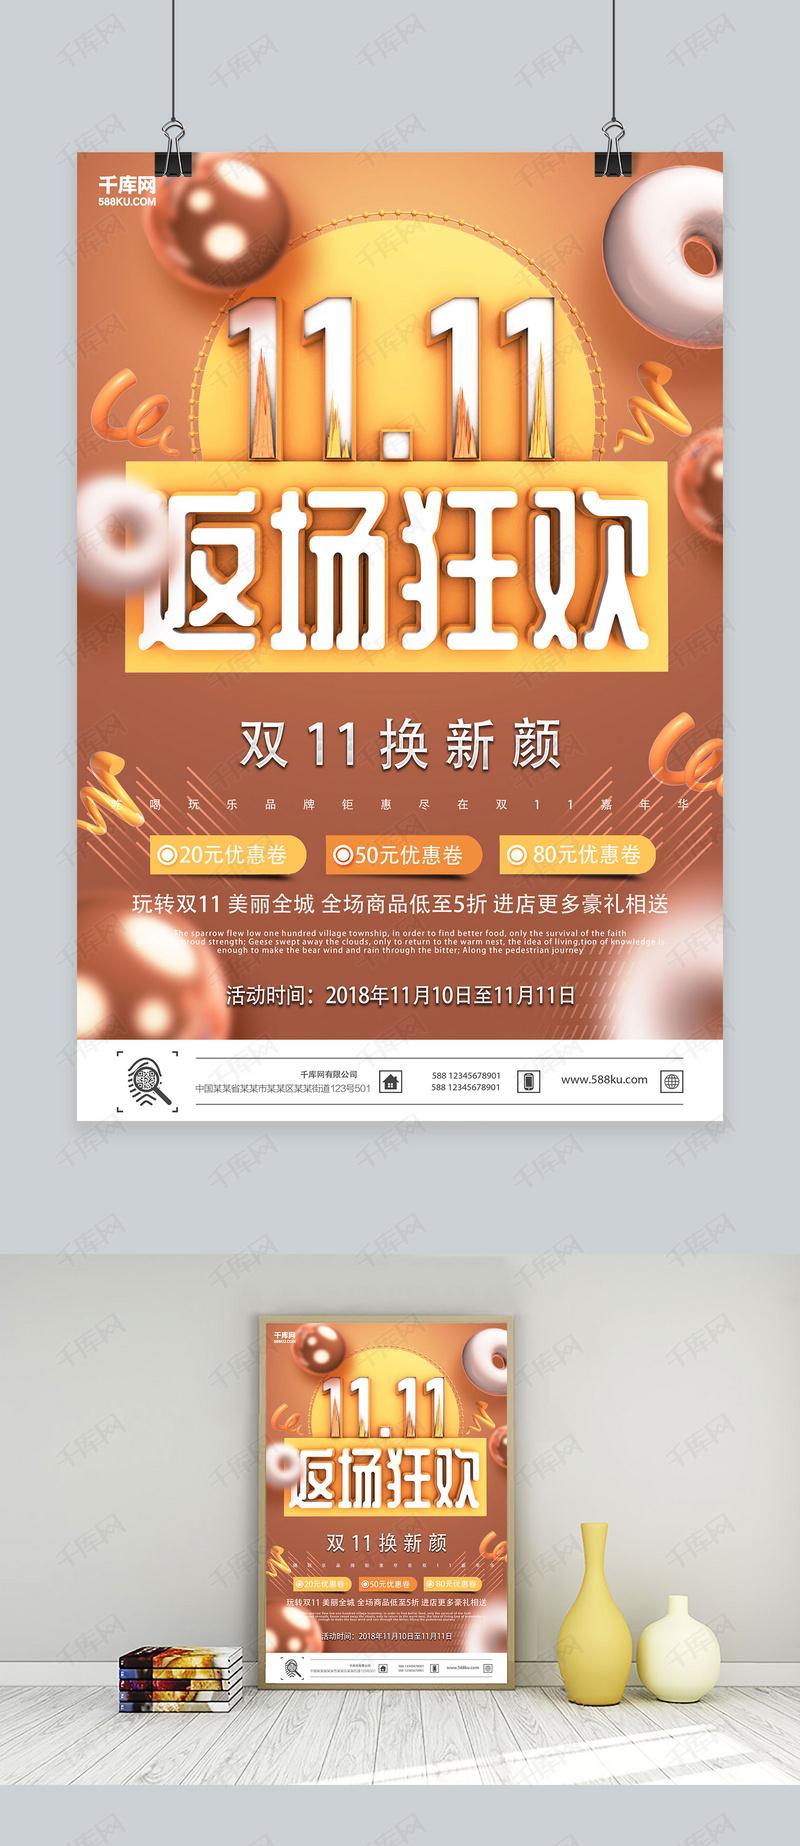 创意双十一活动促销返场狂欢海报